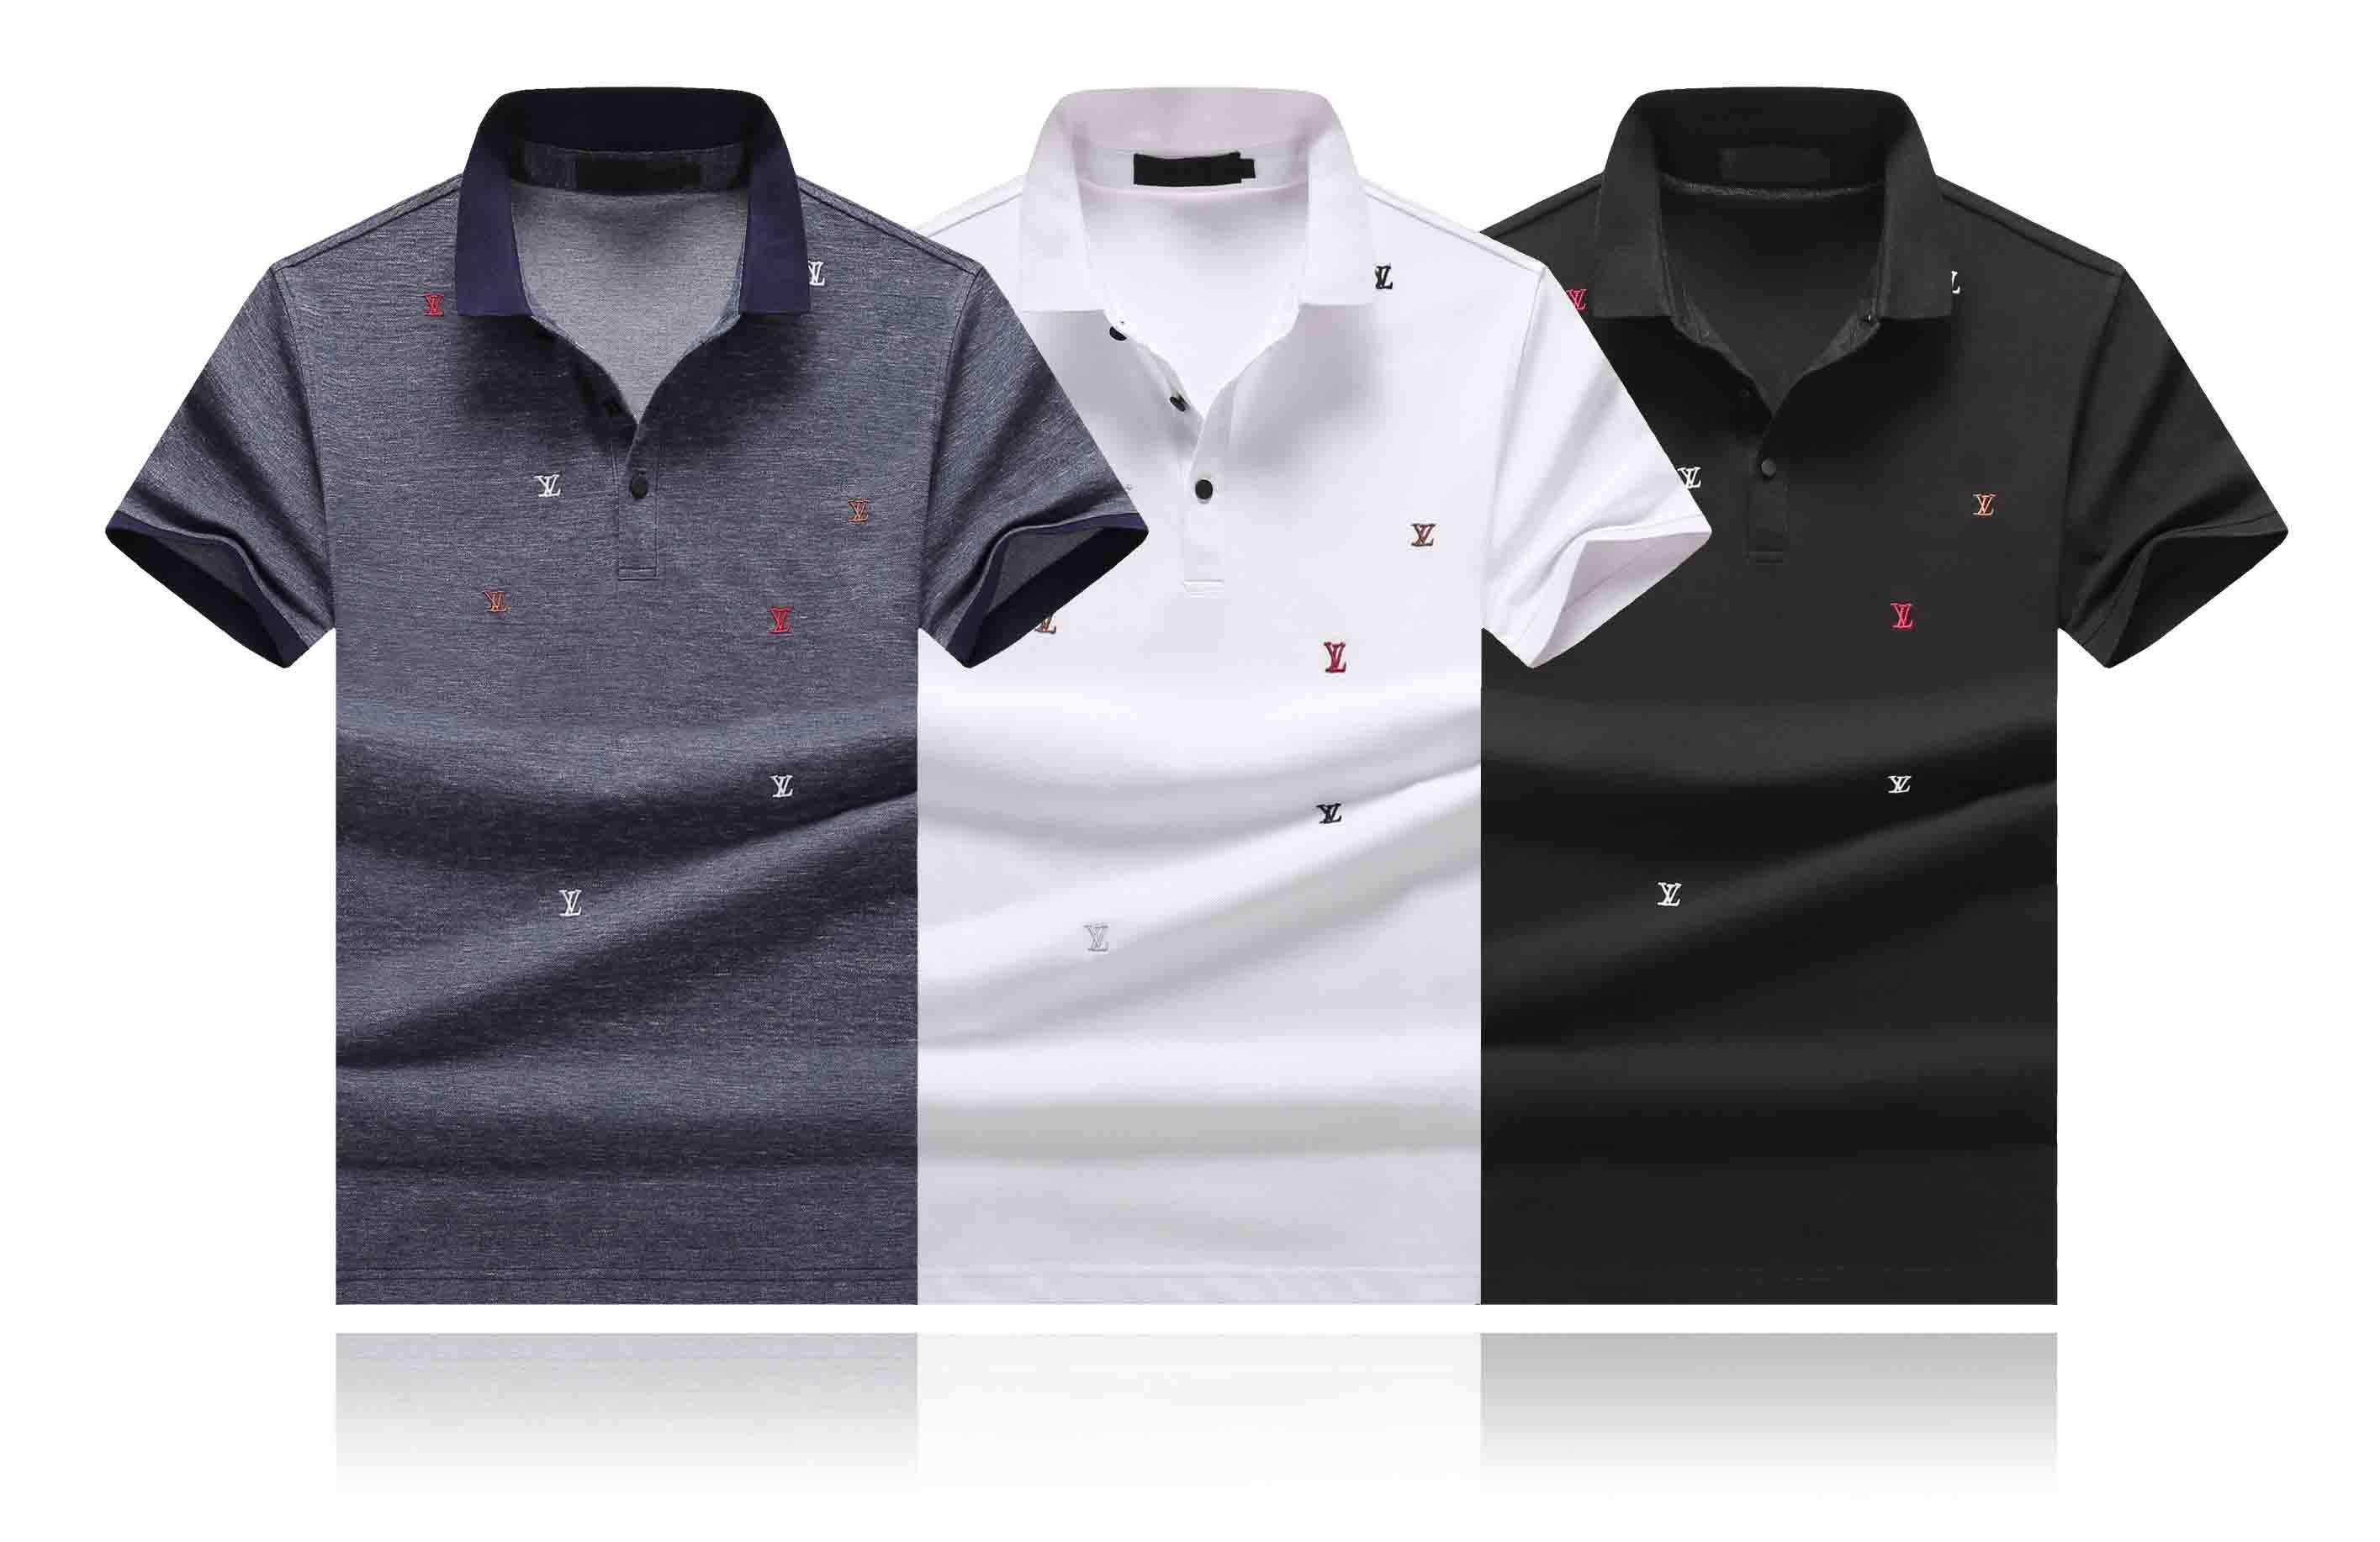 Trova benzetme sıcak Tasarım en yeni Moda gündelik uomo Tişört Maschio medusa Uomo serpente KÖPEK Lettera Polo Shirt Tee Gömlek Tops